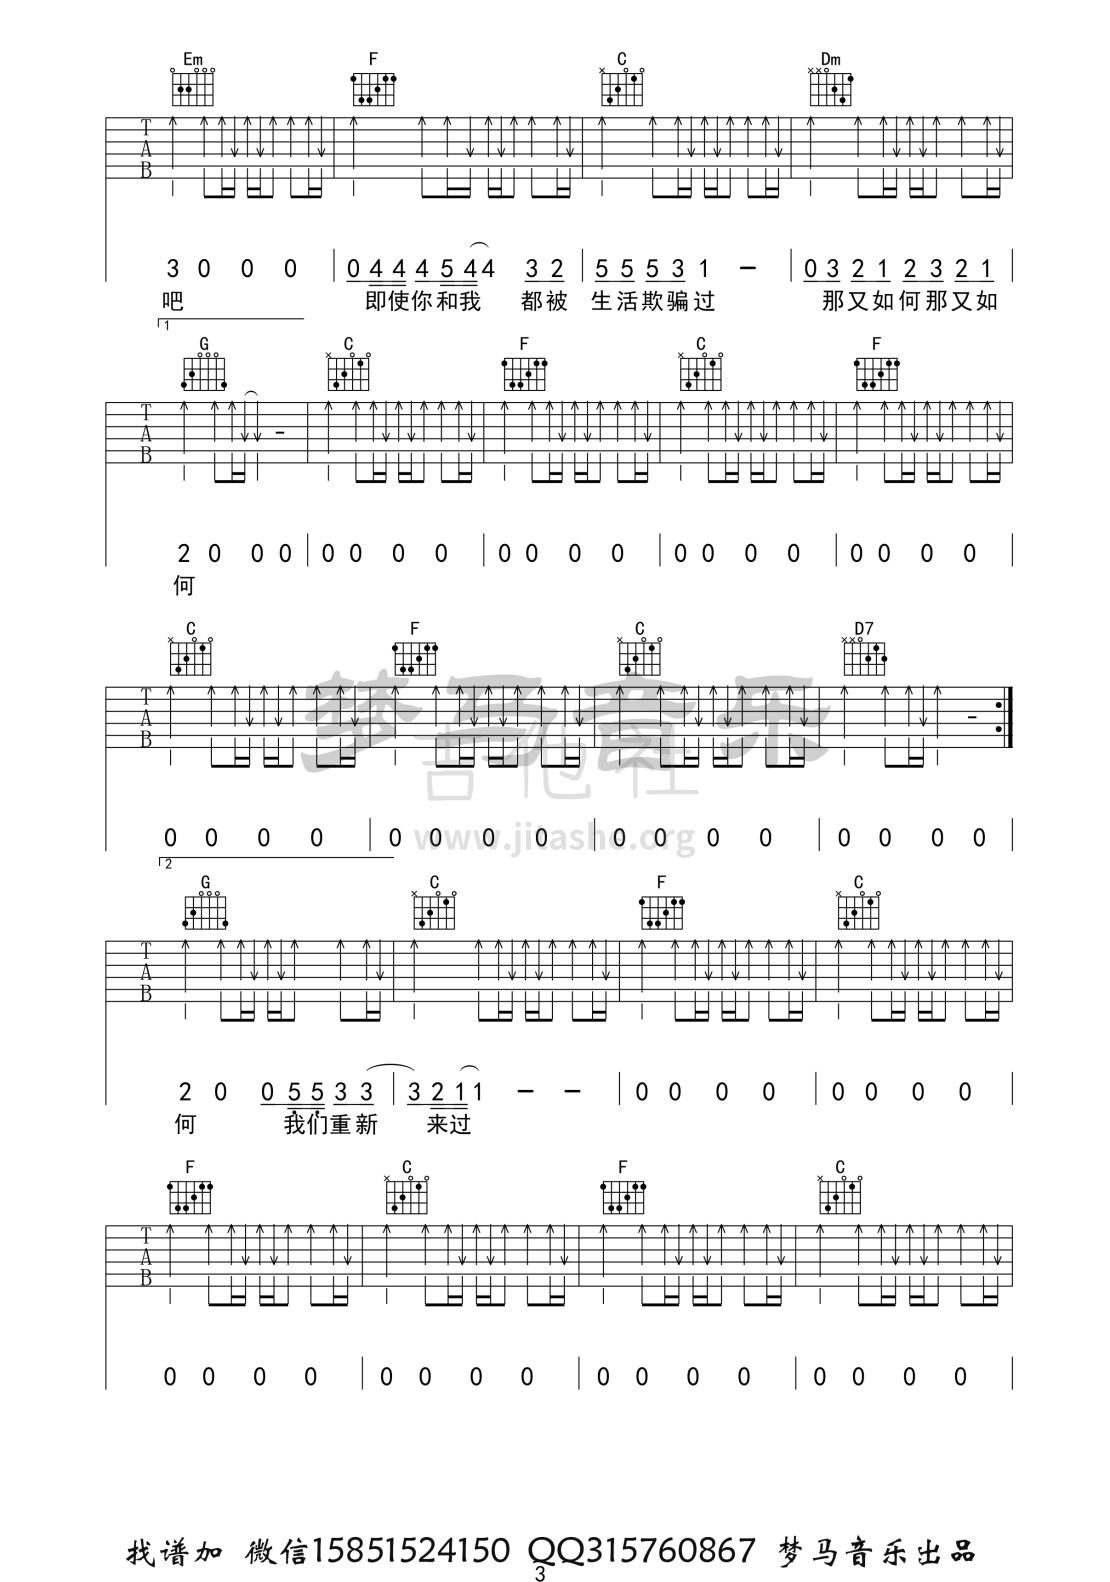 青春吉他谱(图片谱)_张闯_青春-3.jpg